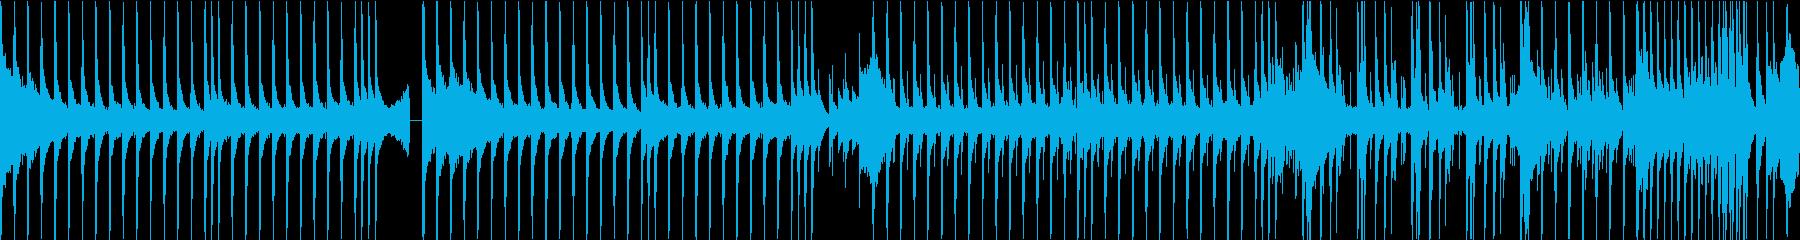 トレンド感を意識したリズムループの再生済みの波形